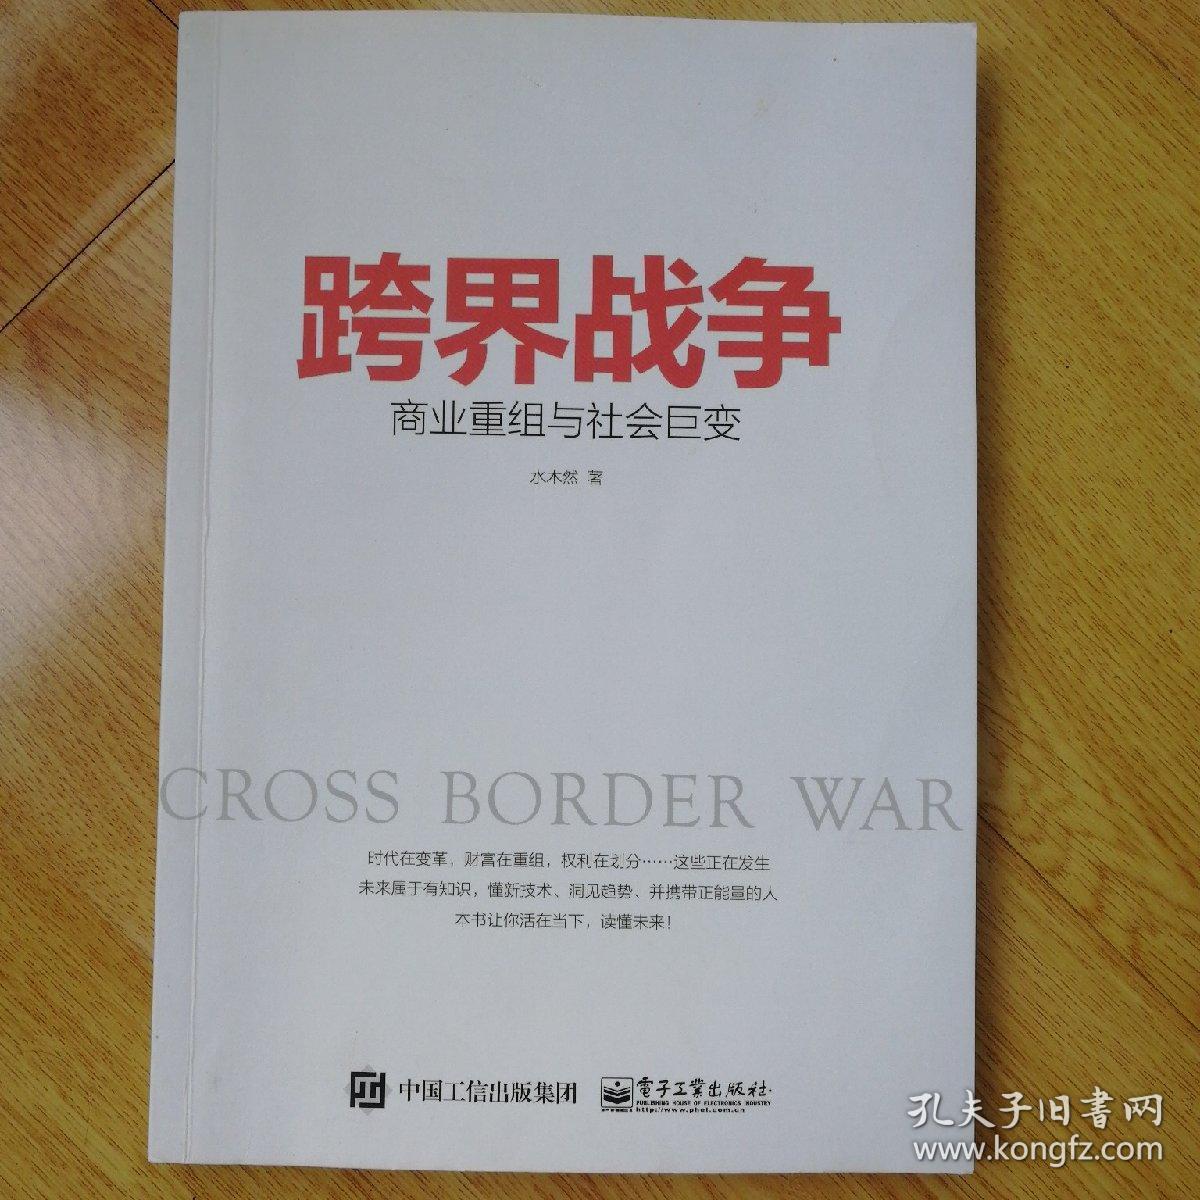 跨界战争(商业重组与社会巨变)